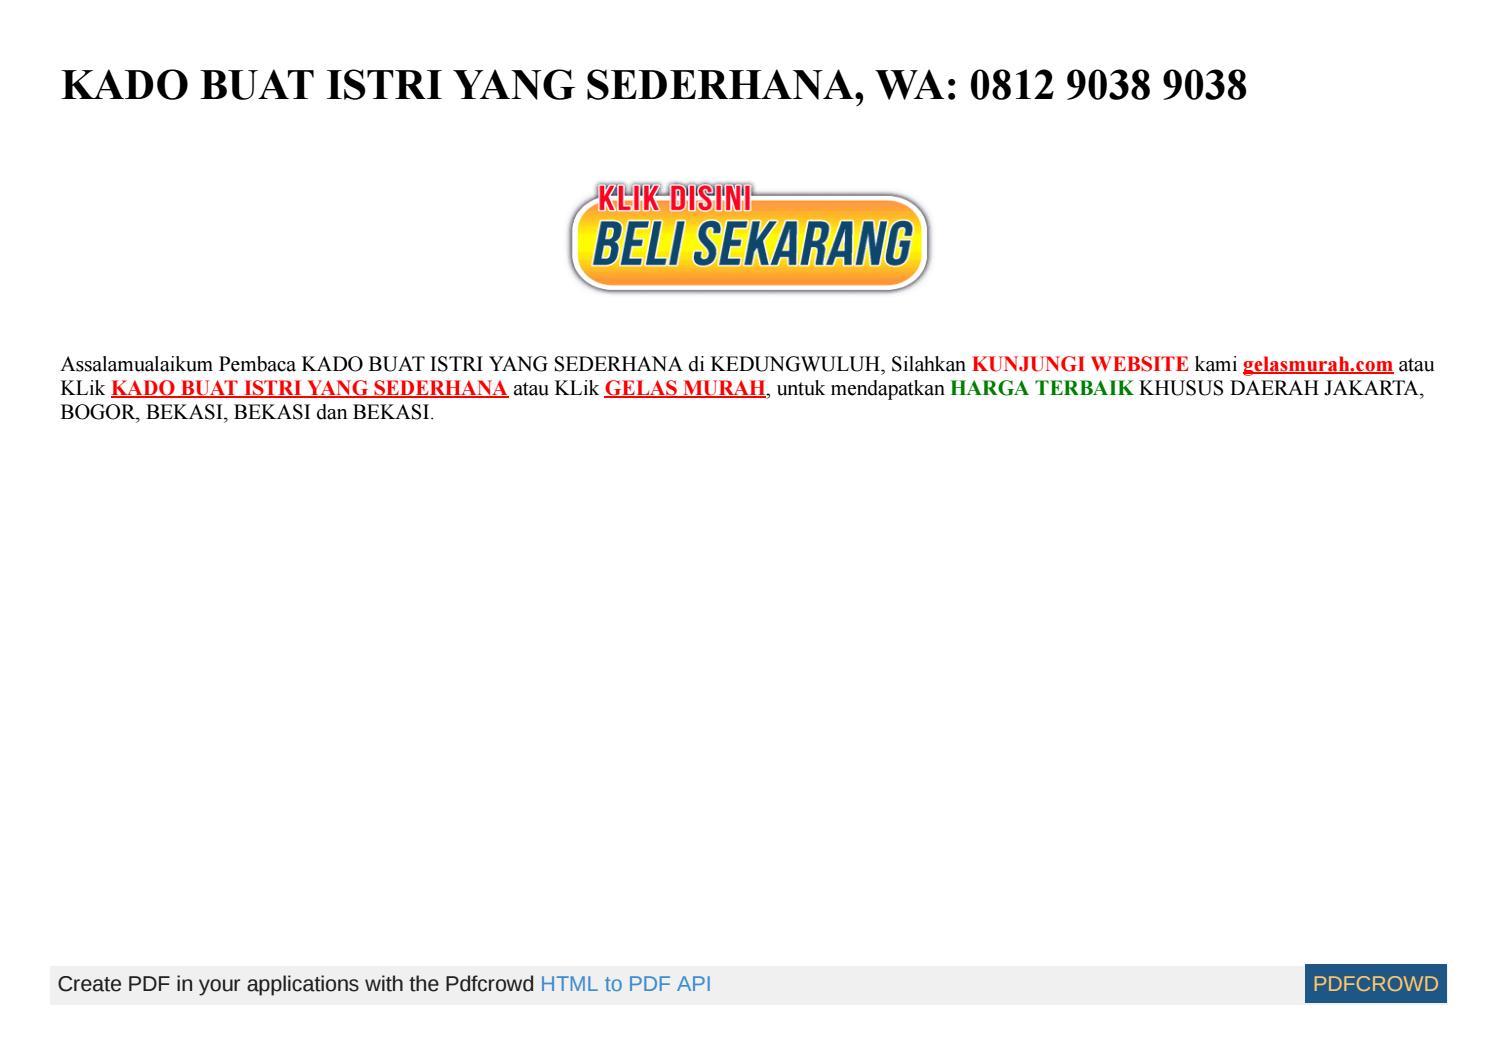 KADO BUAT PACAR YANG LDR WA 0812 9038 9038 By Mesin Cetak